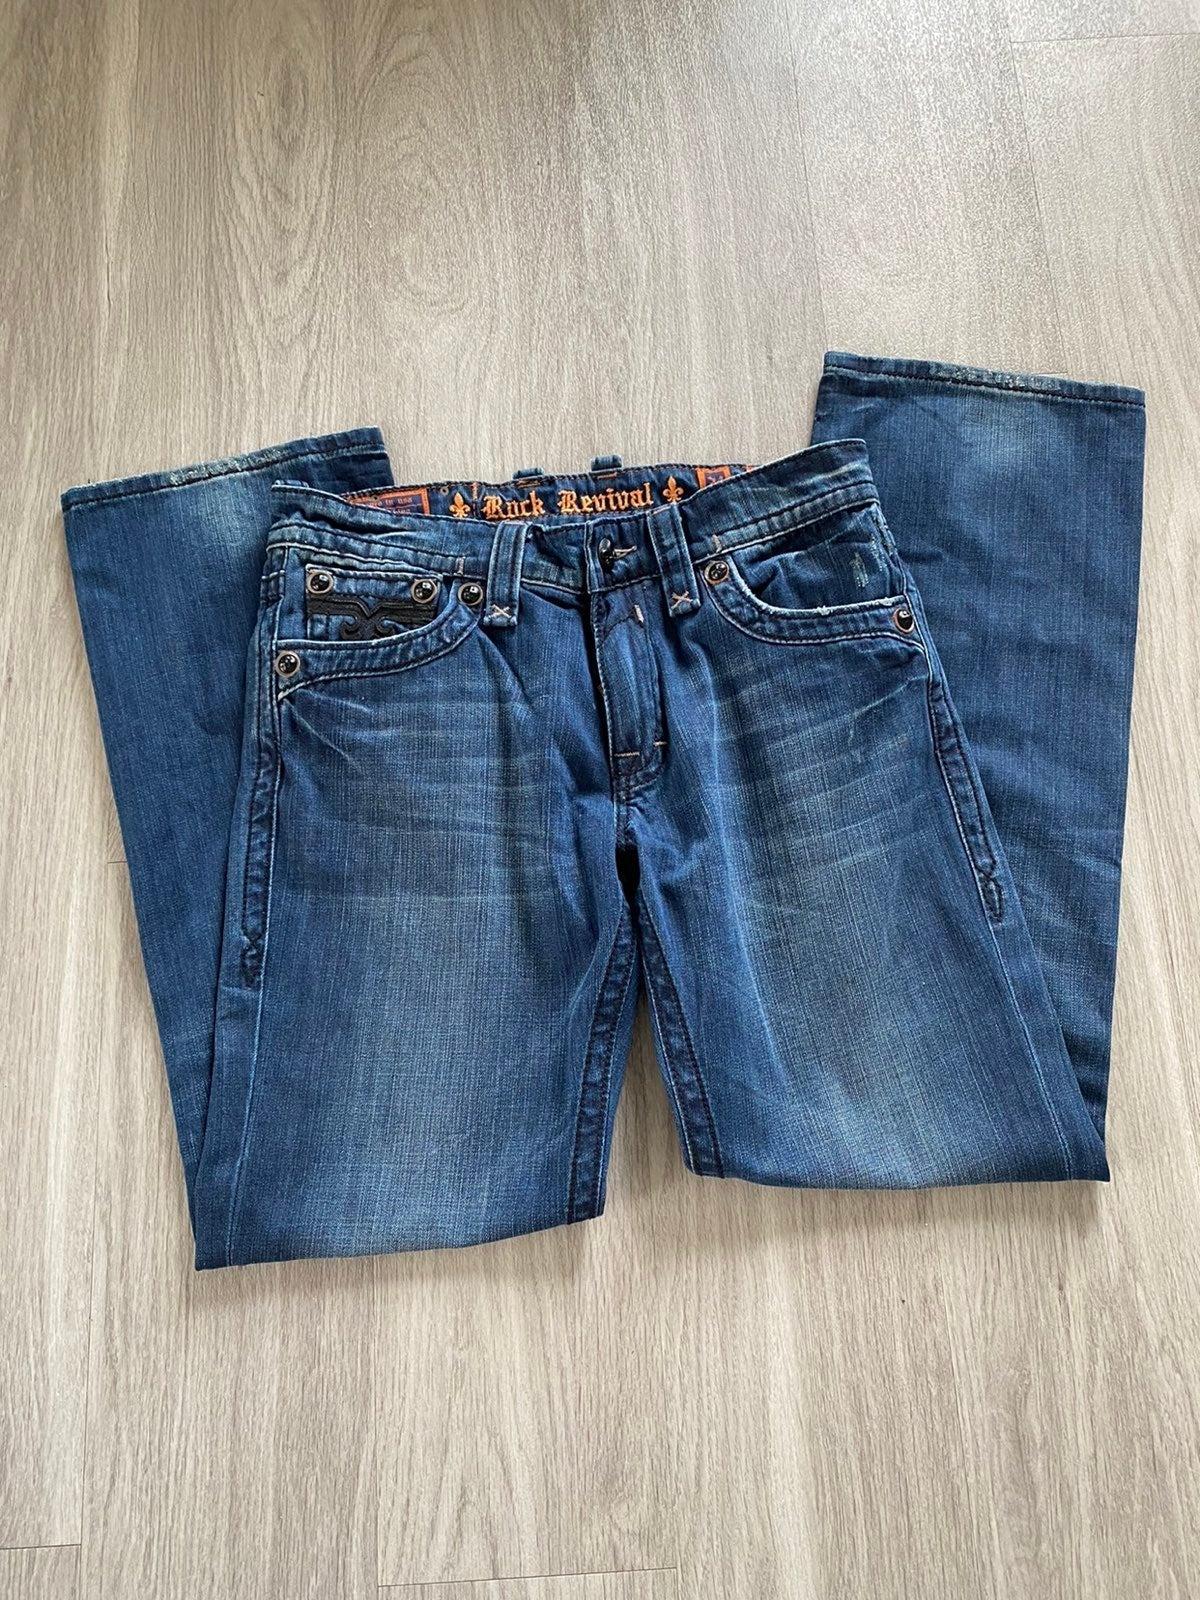 Rock Revival John Straight Men's Jeans